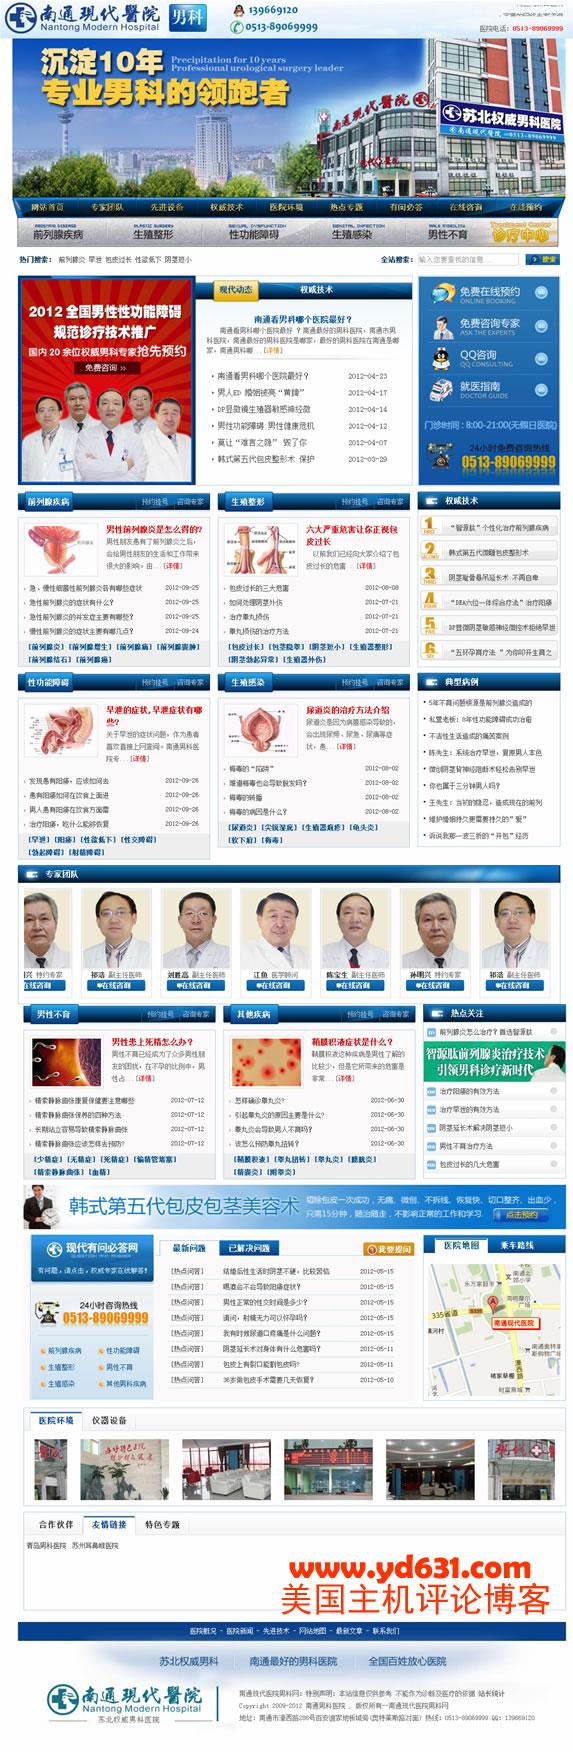 DEDECMS织梦医院网站主题模板(GBK) - 源码下载 -六神源码网